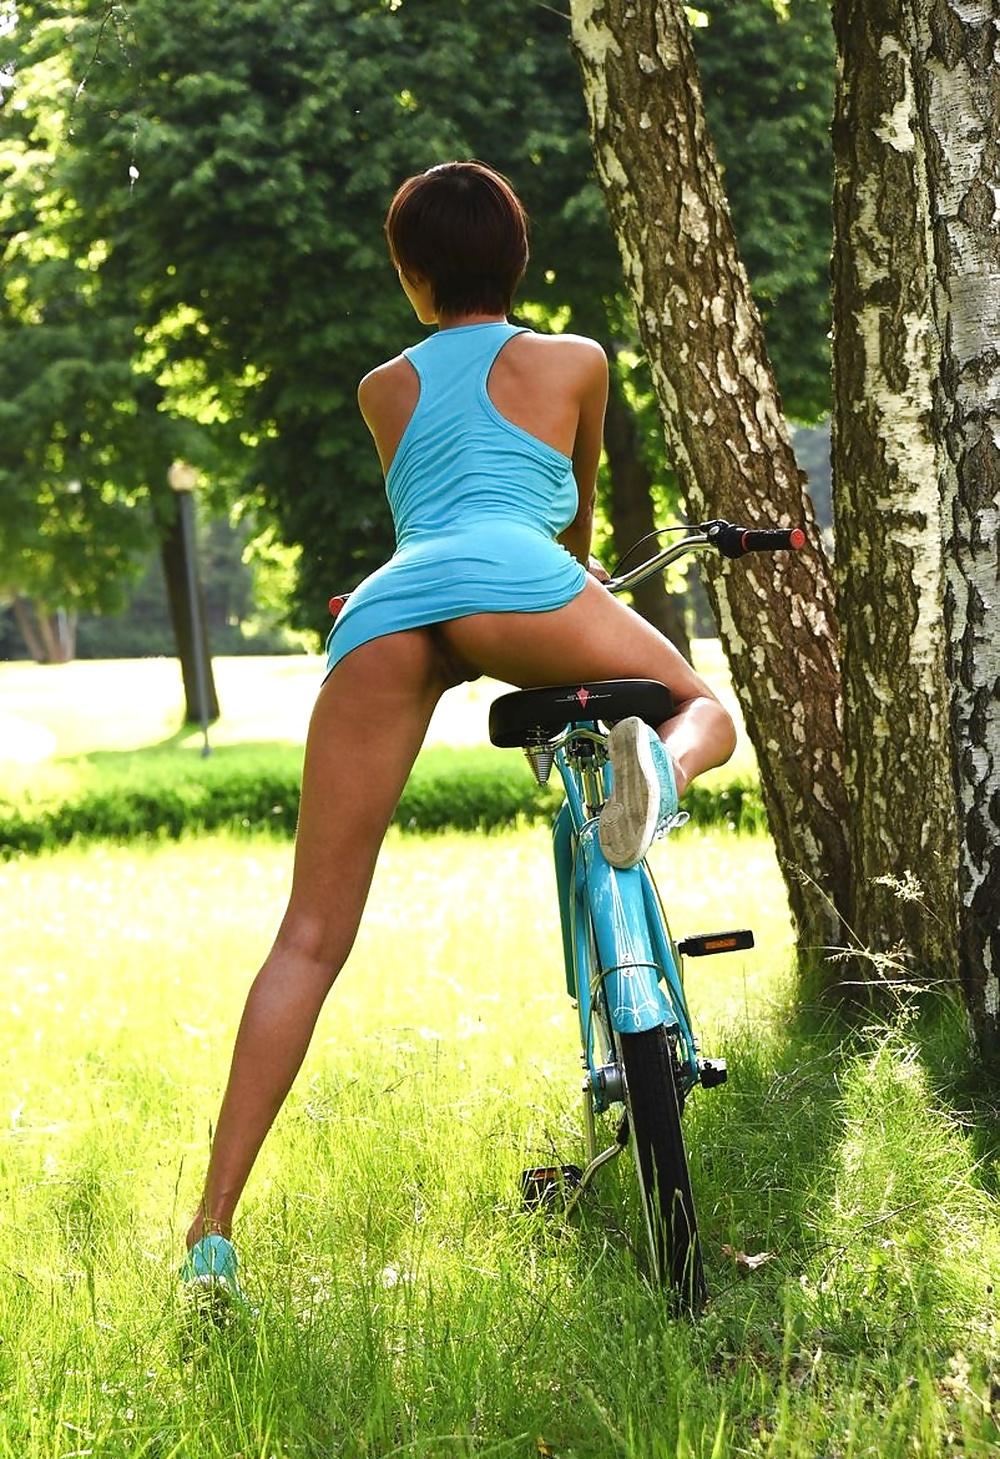 Без трусов в юбке на велосипеде смотреть онлайн